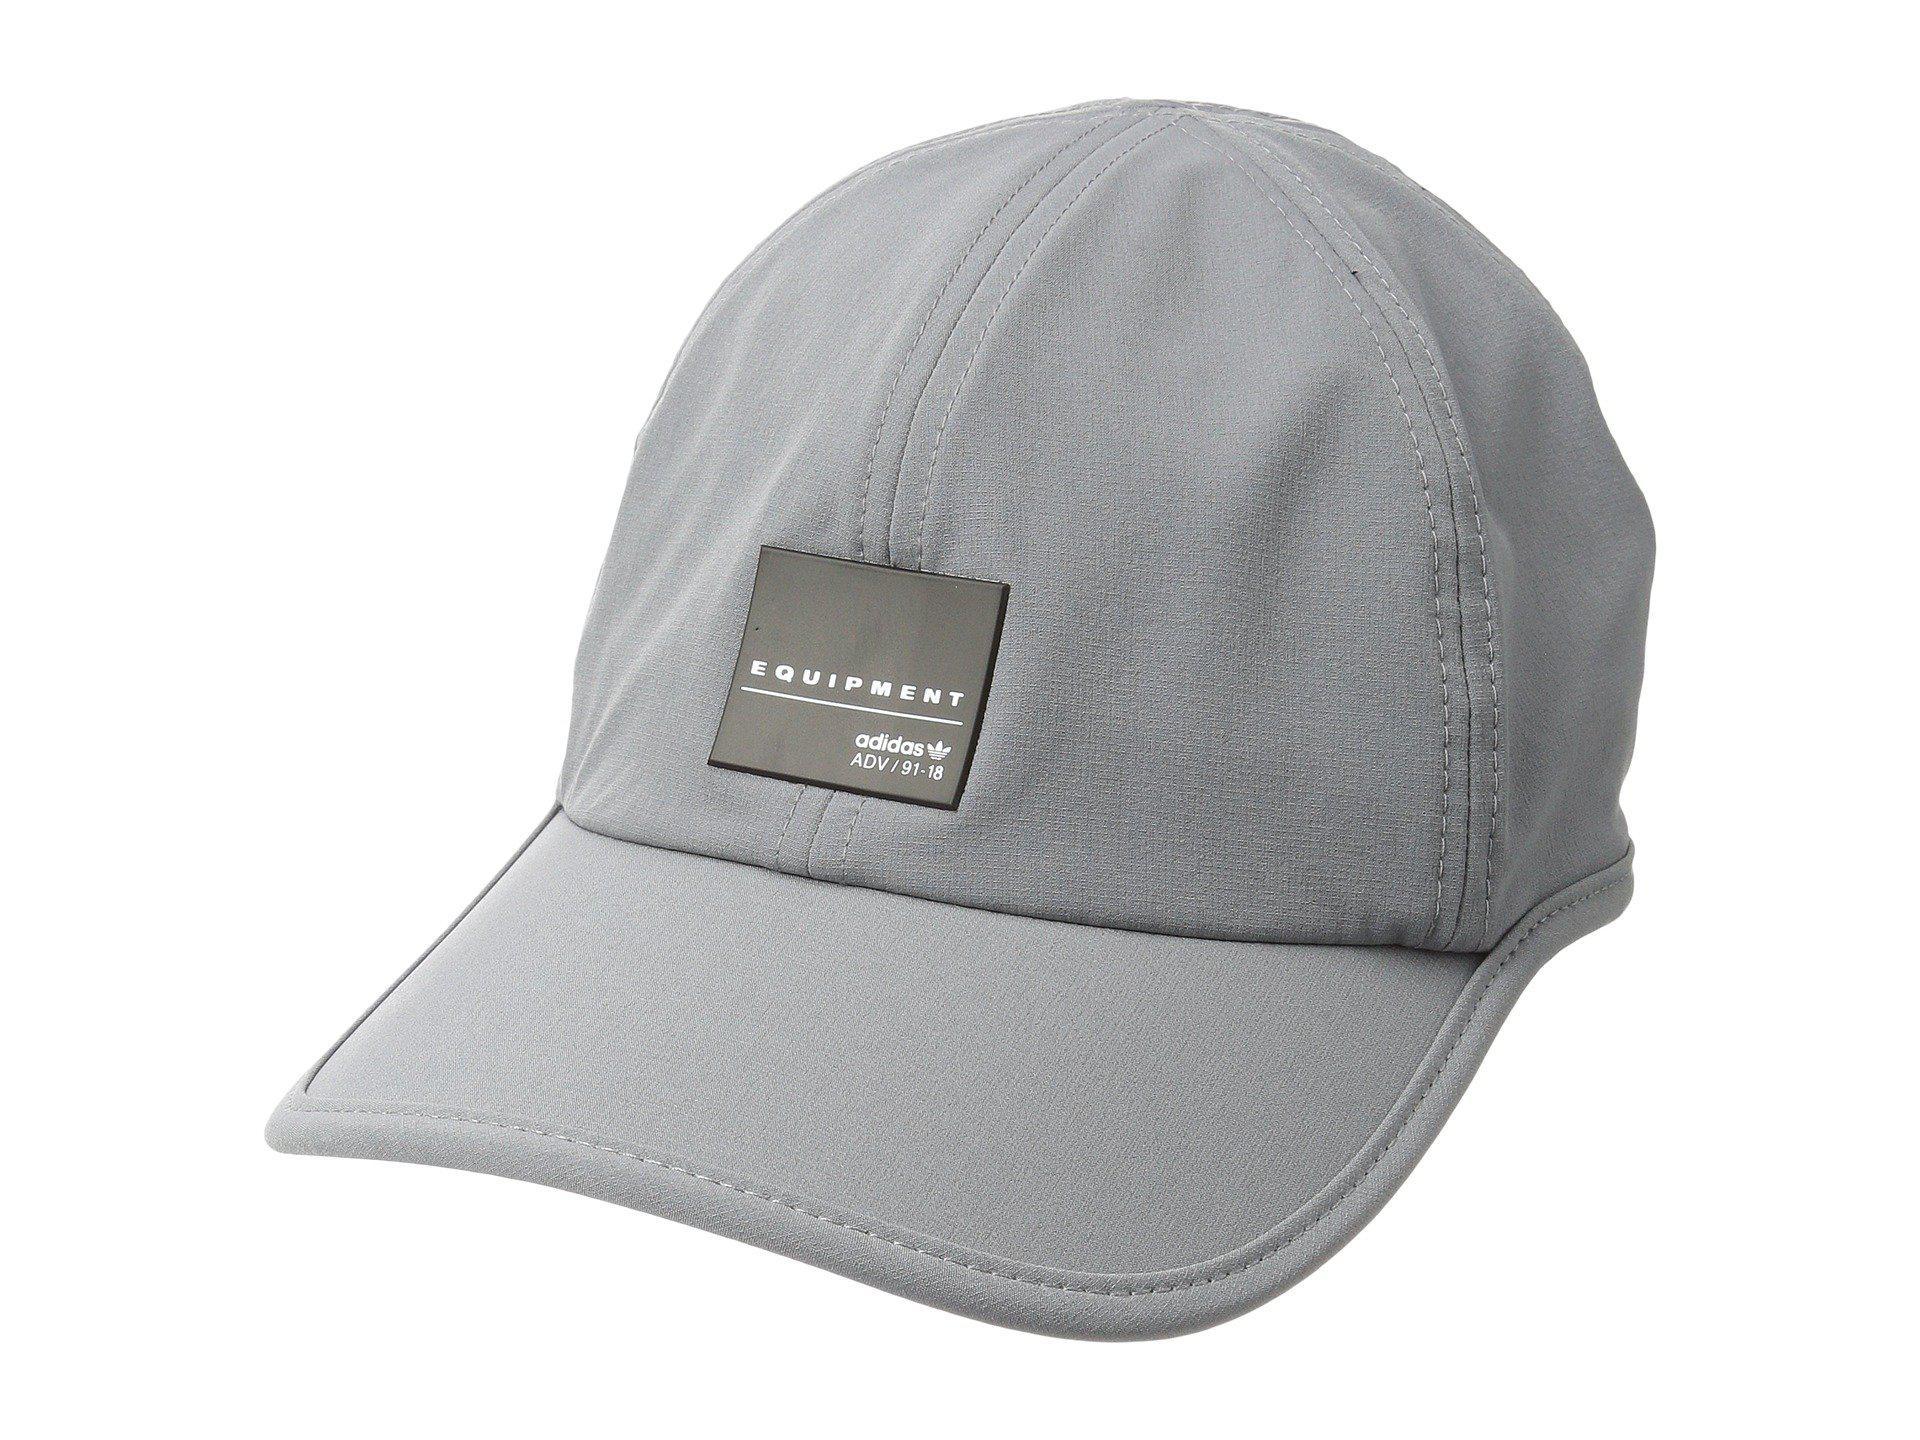 dbc974cdc3e Lyst - Adidas Originals Originals Eqt Trainer Ii (white black) Caps ...